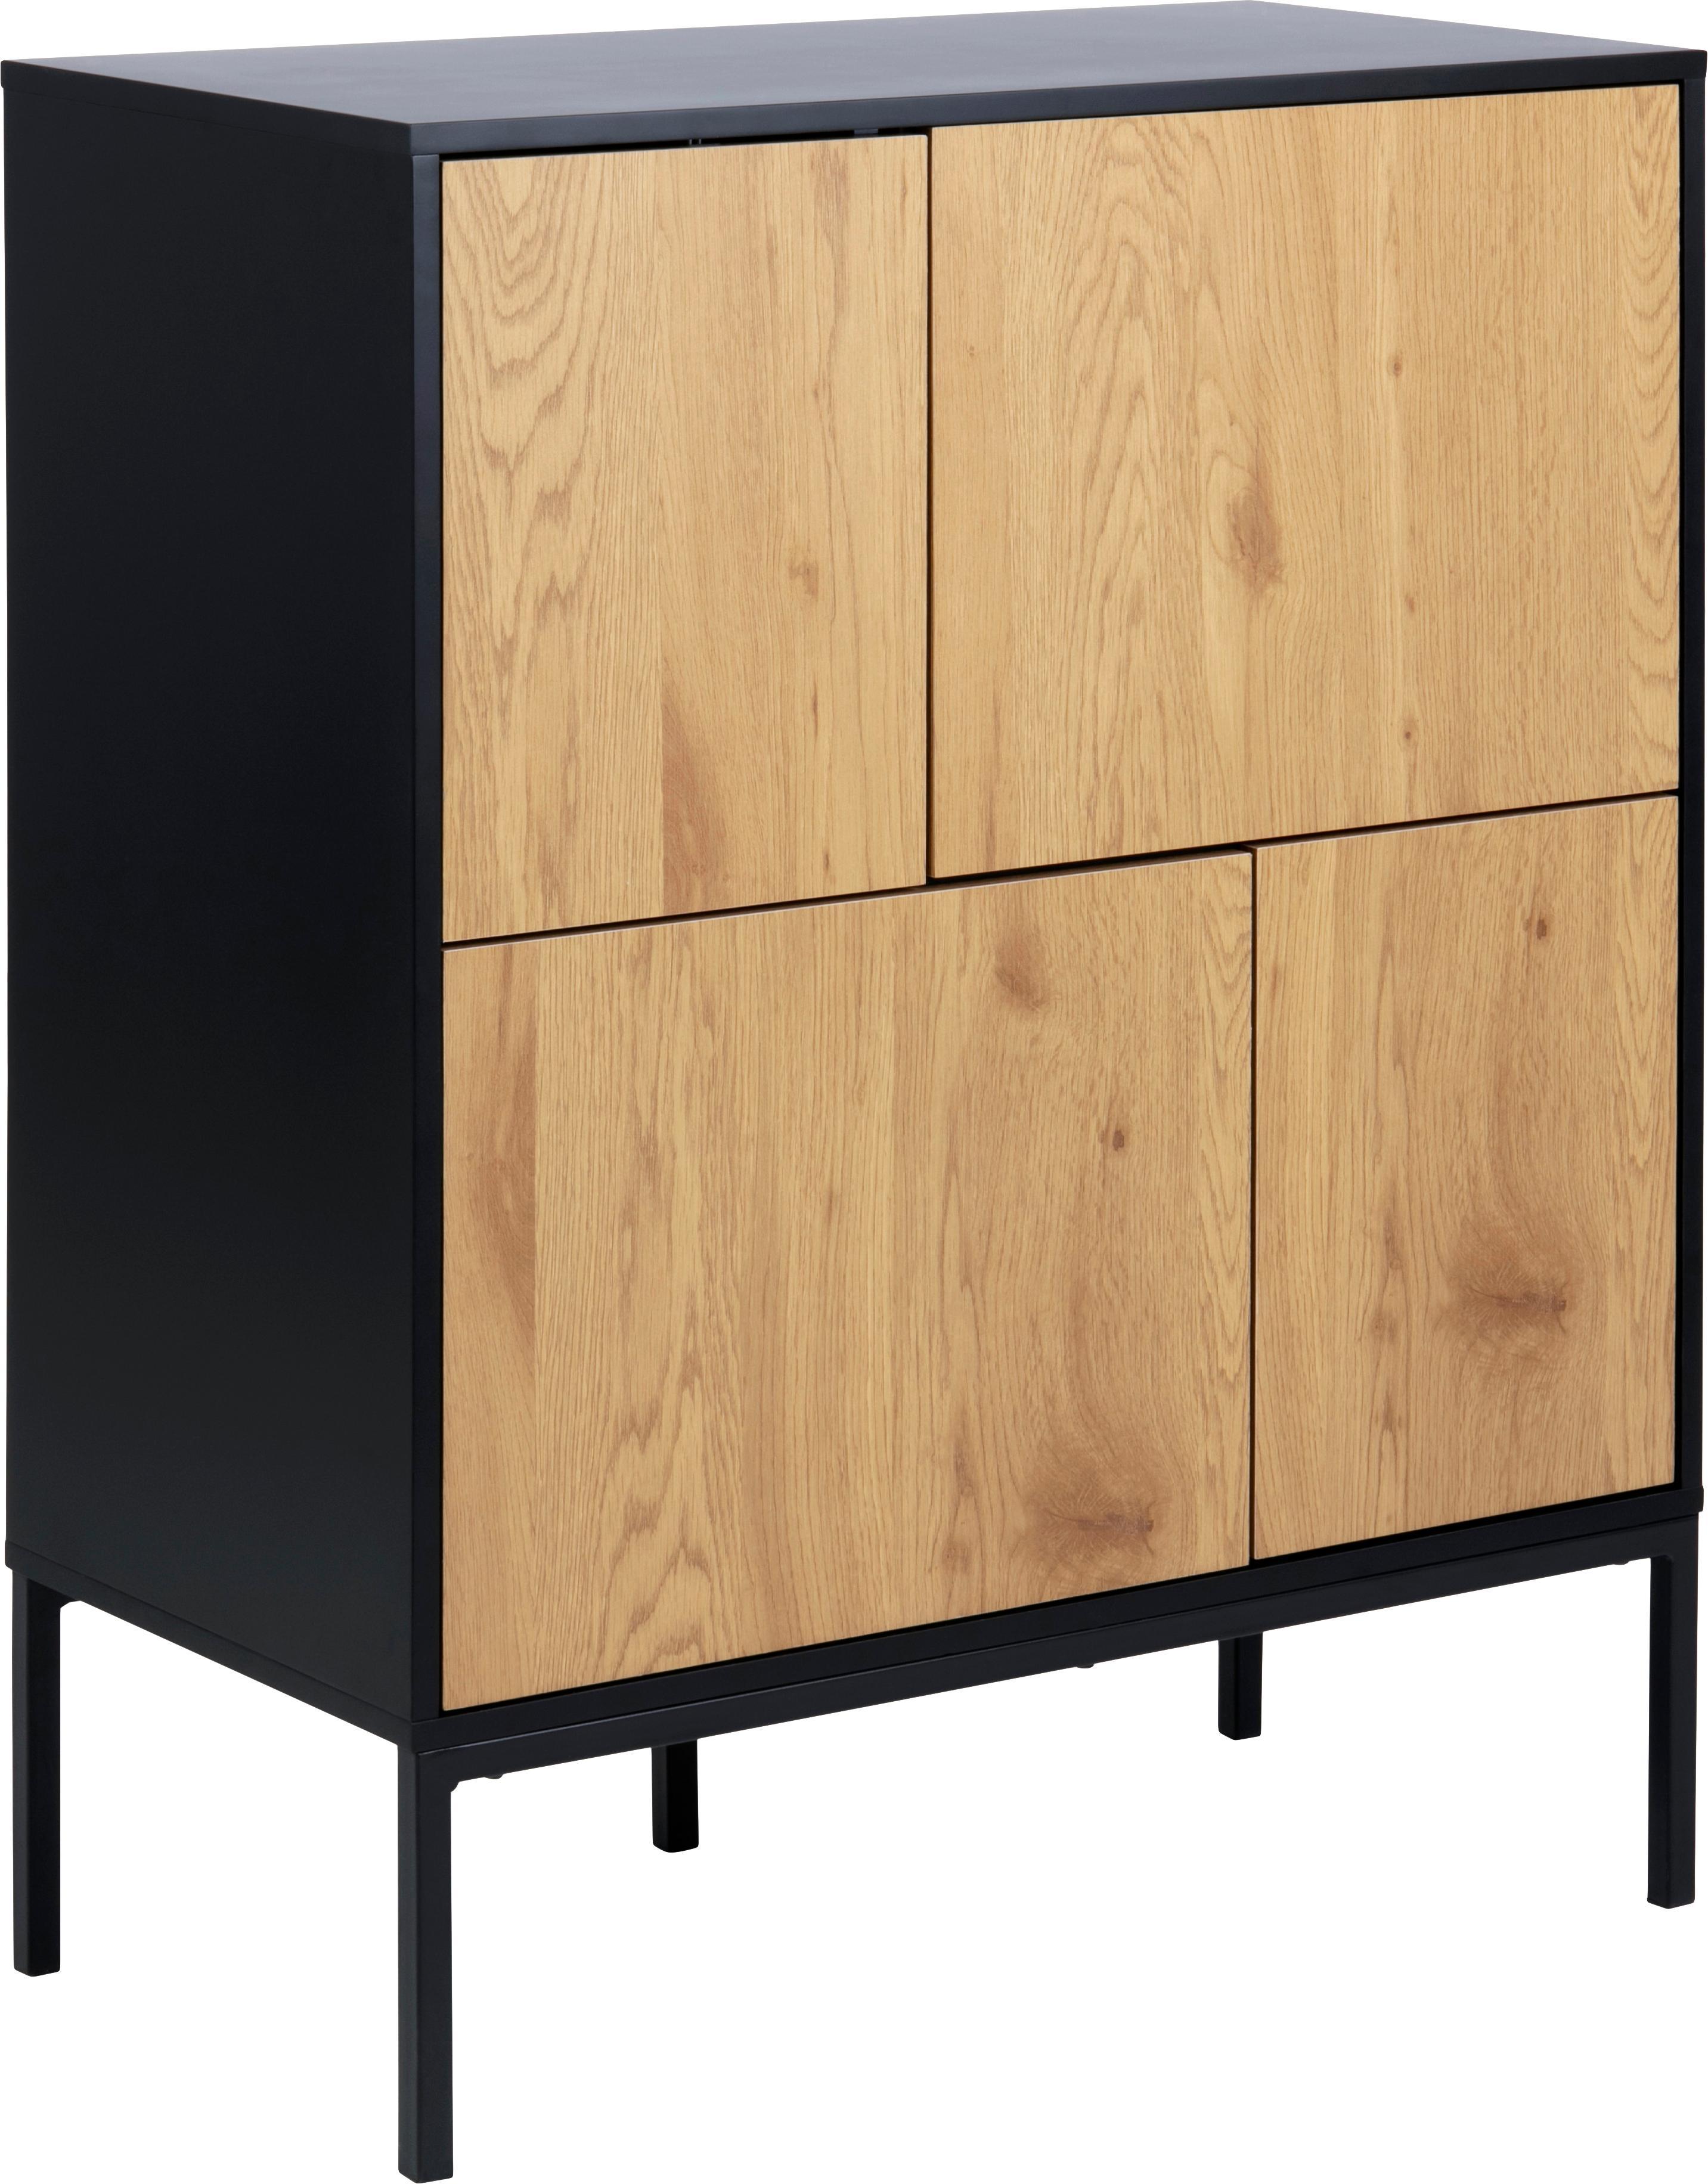 Kommode Seaford aus Holz und Metall, Korpus: Mitteldichte Holzfaserpla, Schwarz, Wildeichenholz, 80 x 103 cm